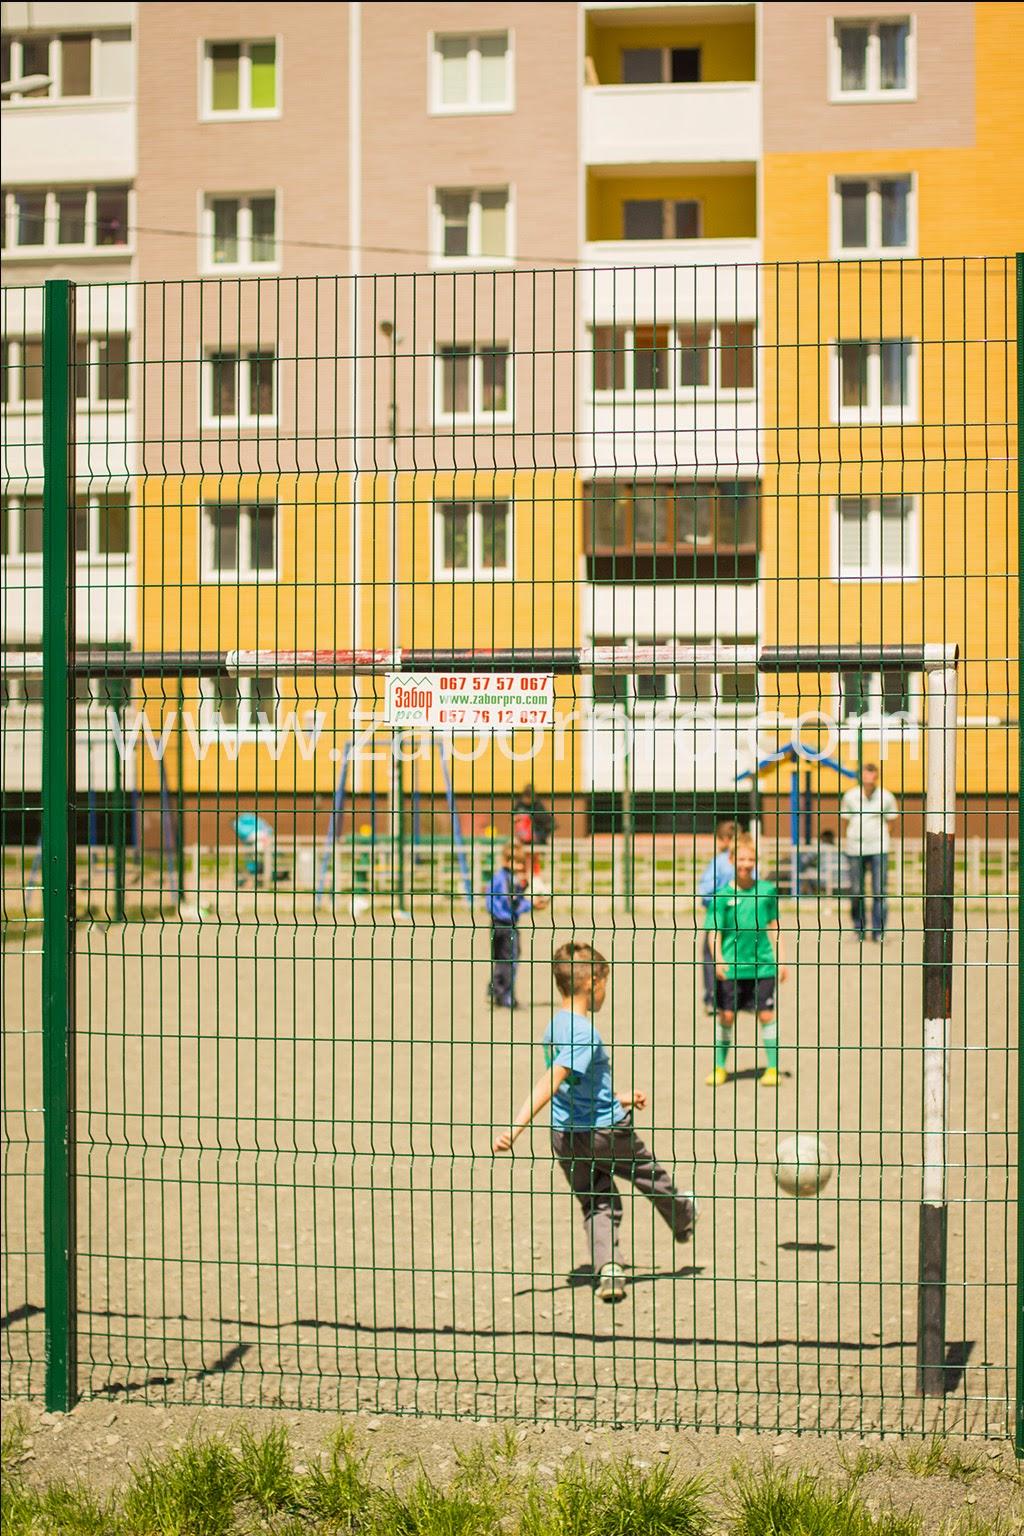 ограждение многоквартирного дома, спортивной и детской площадок-0042